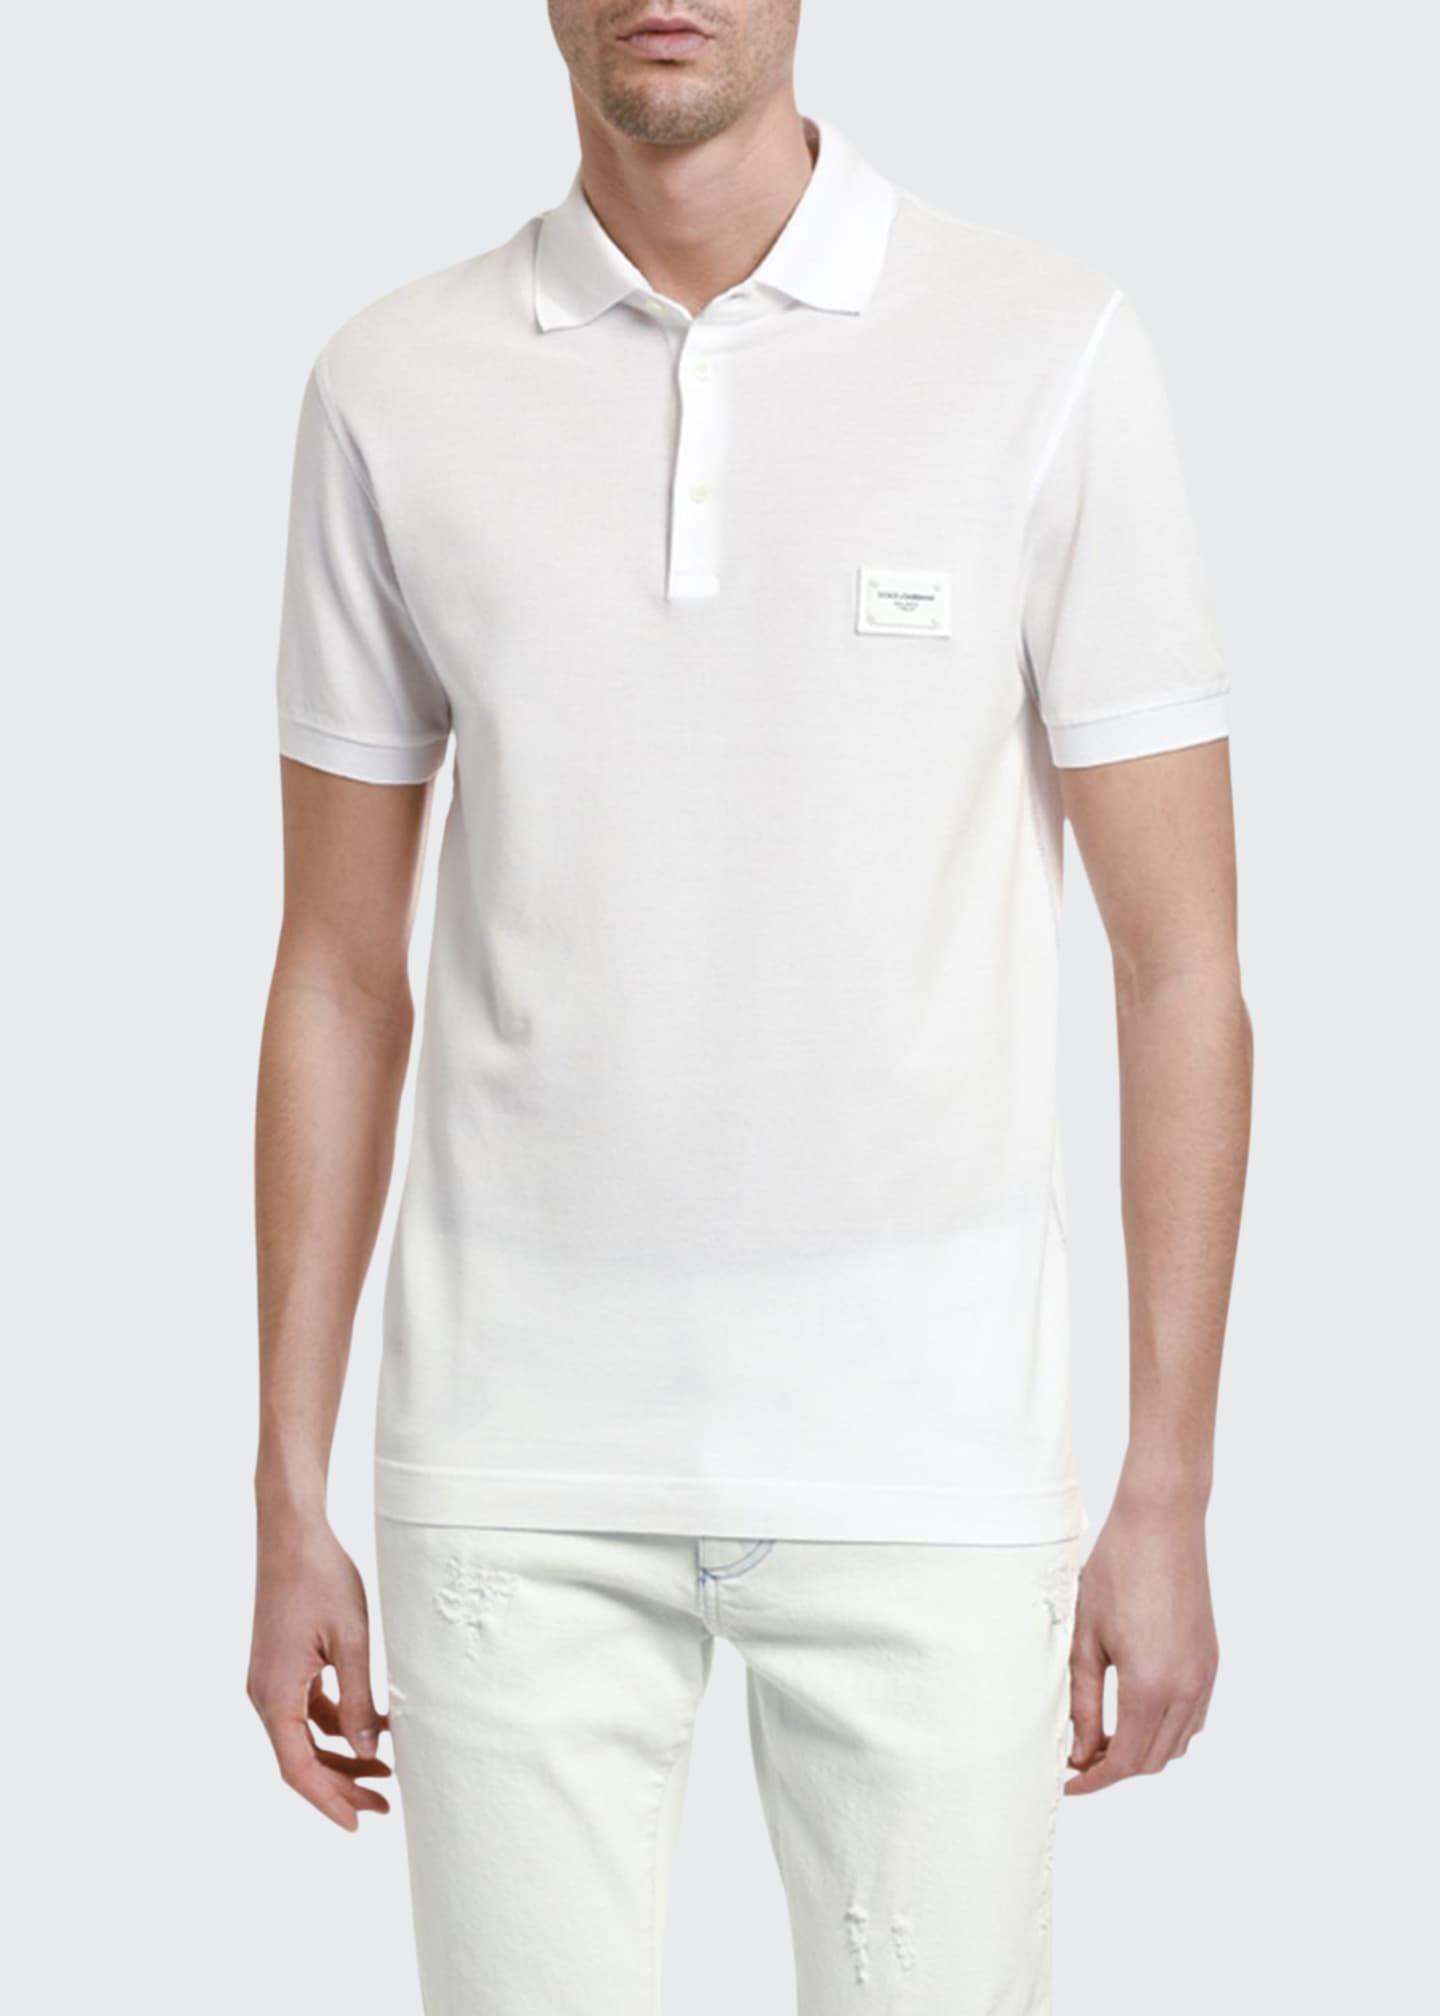 Dolce & Gabbana Men's Consign Basic Polo Shirt